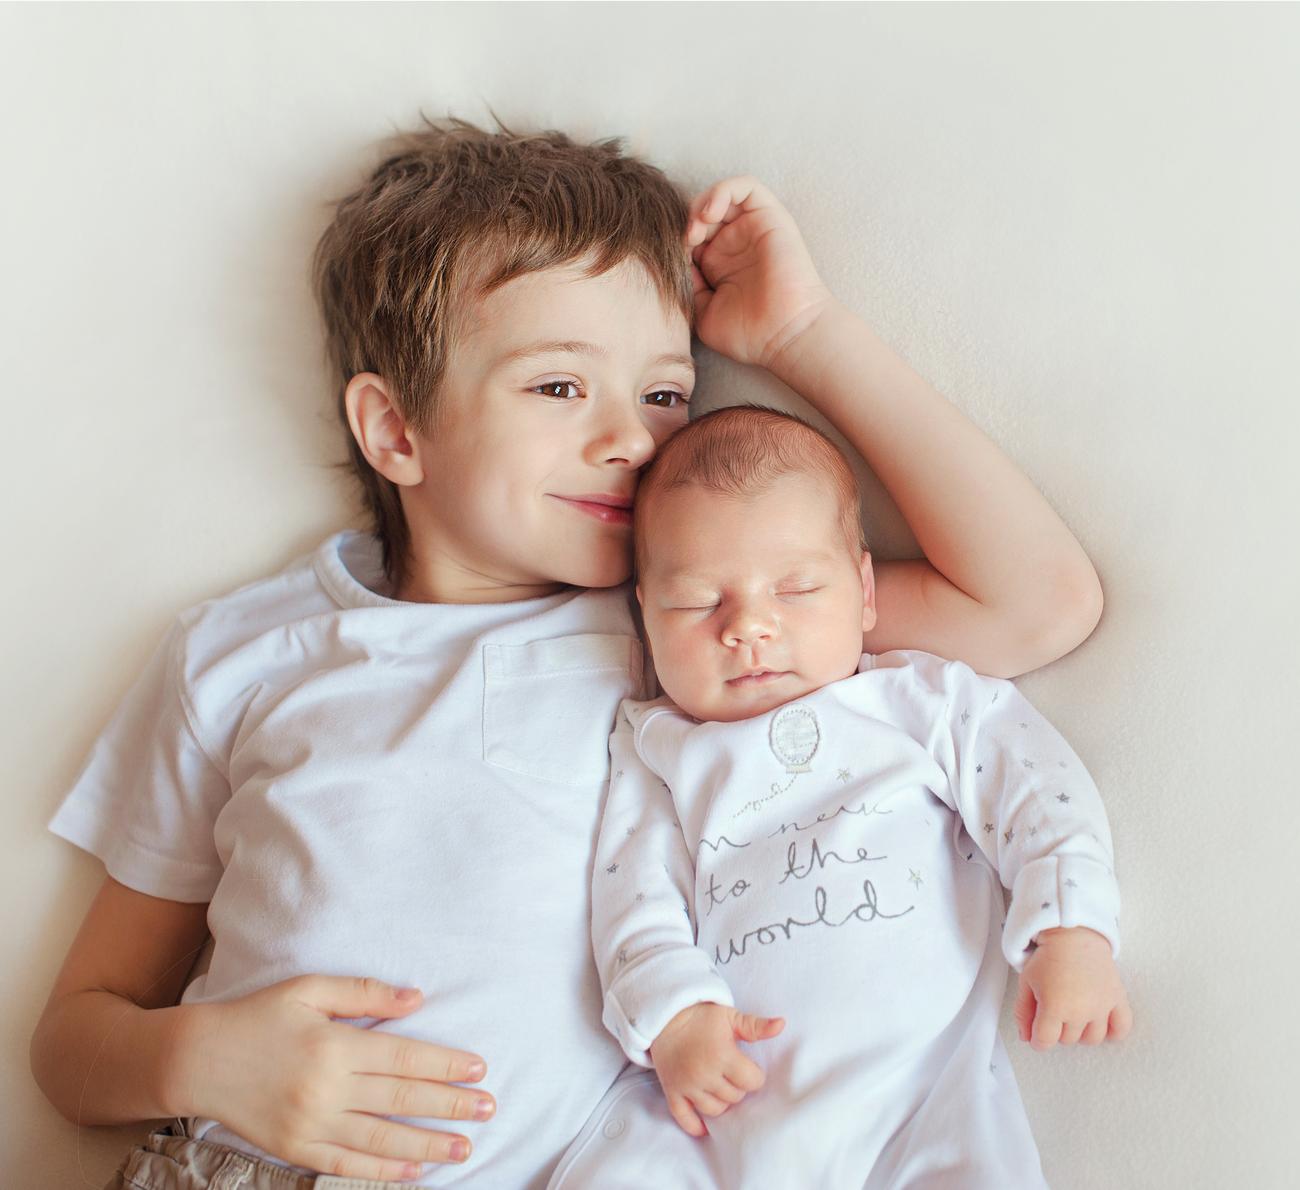 fotos de recém-nascido